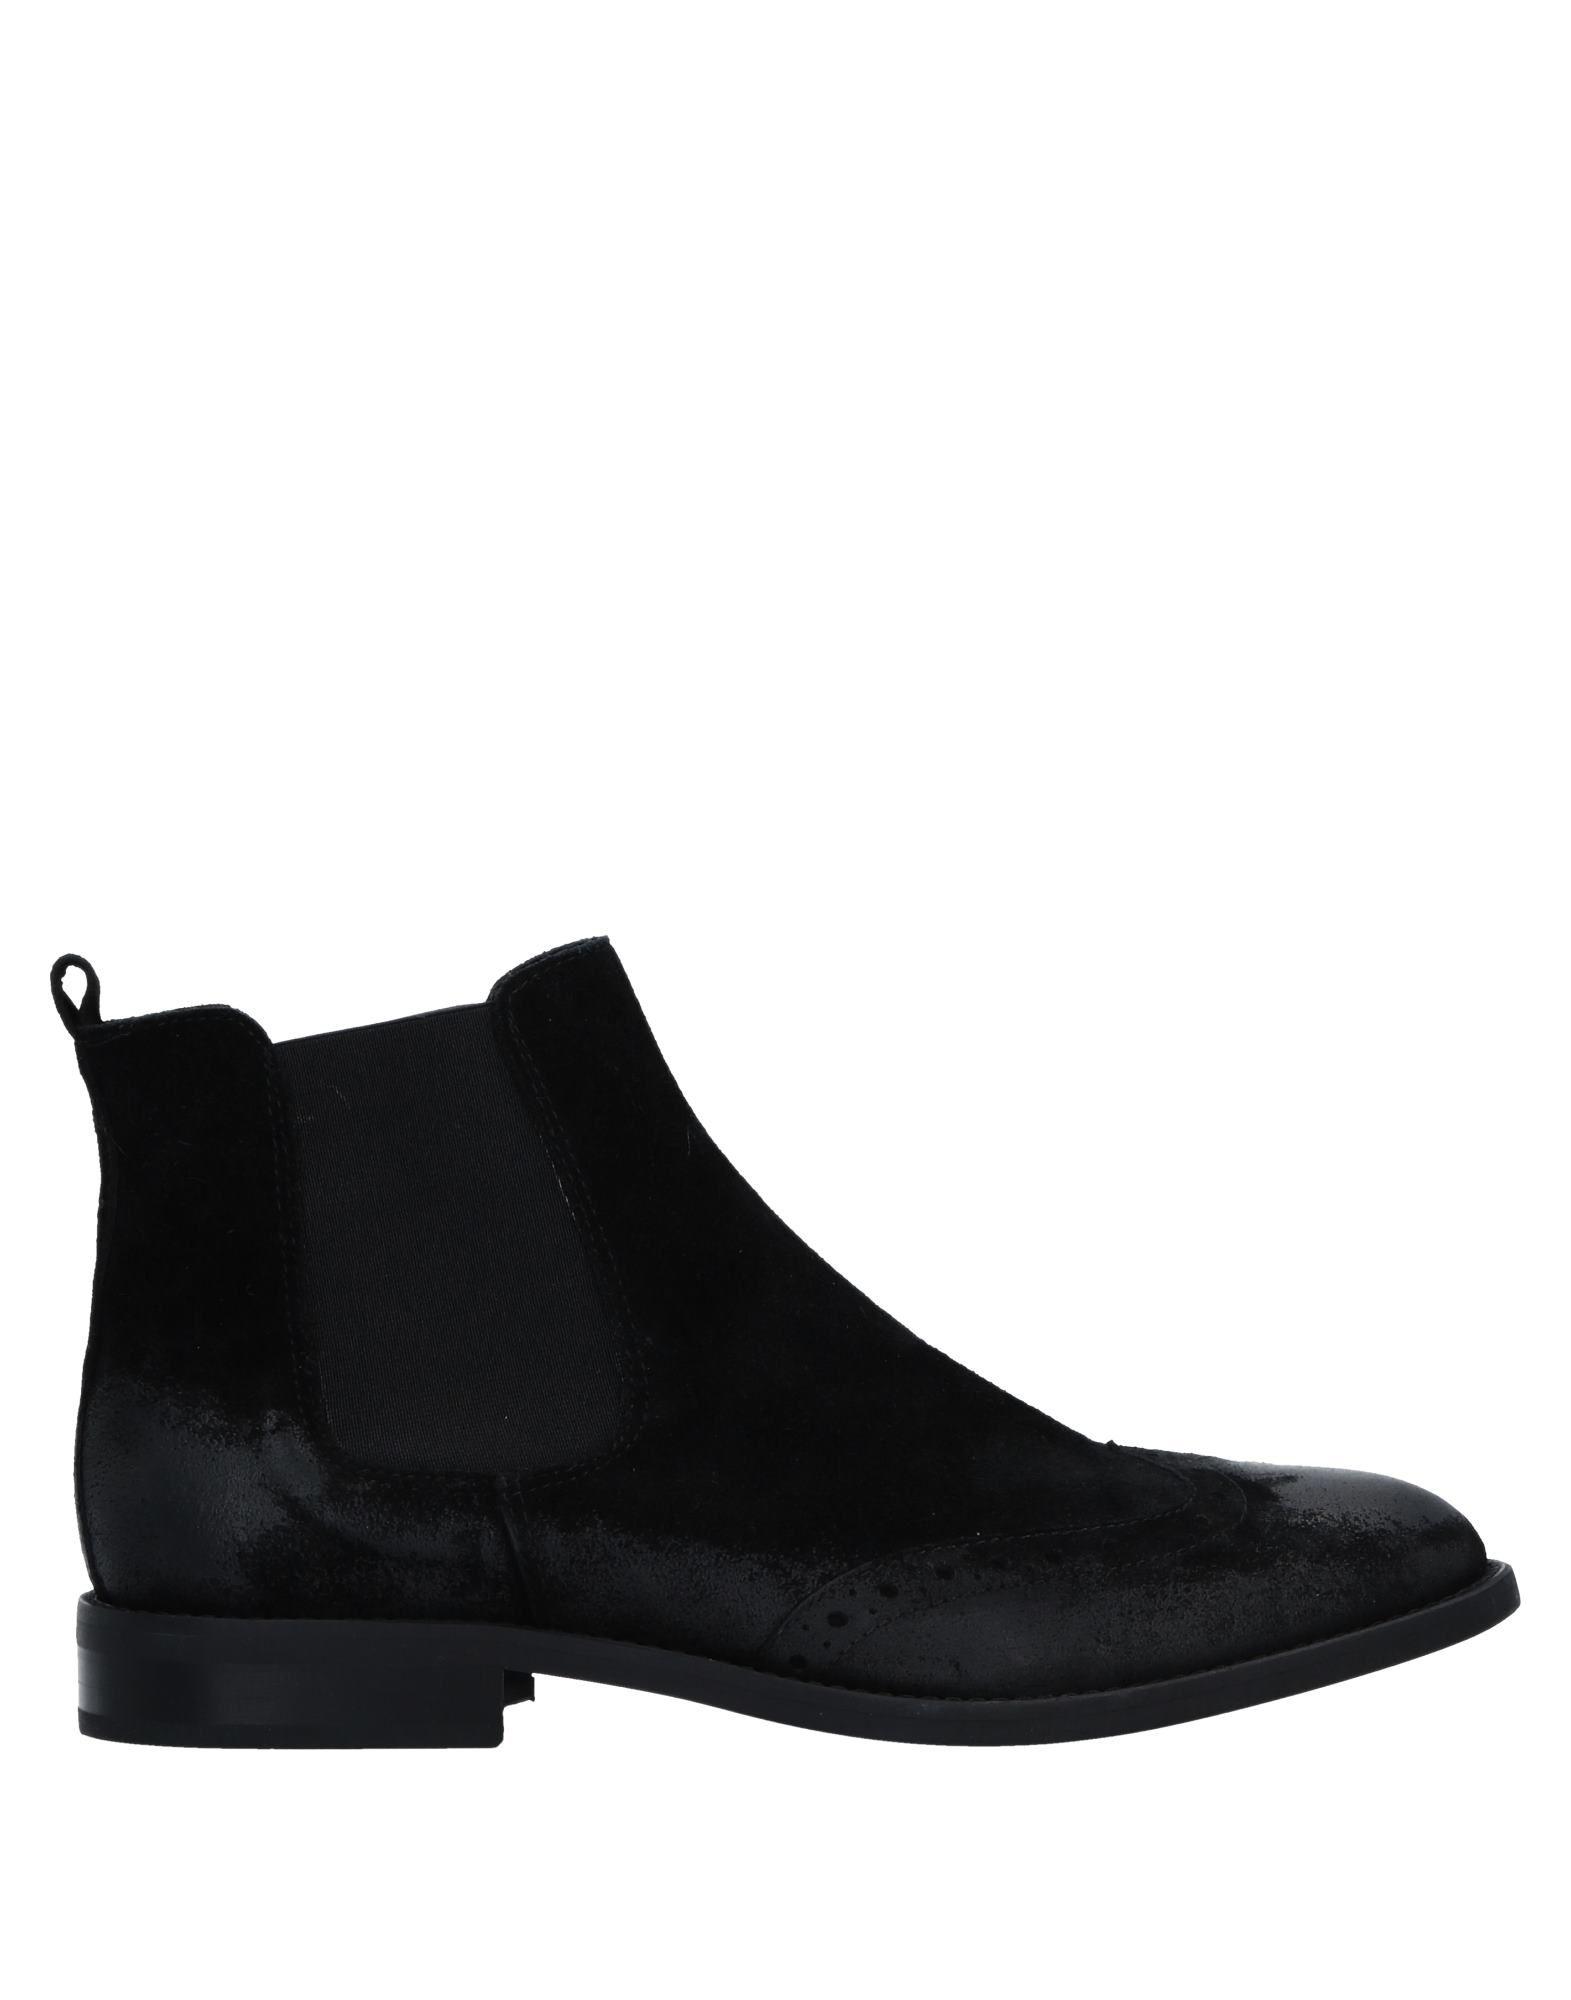 Bottine Officina 36 Homme - Bottines Officina 36  Noir Dernières chaussures discount pour hommes et femmes